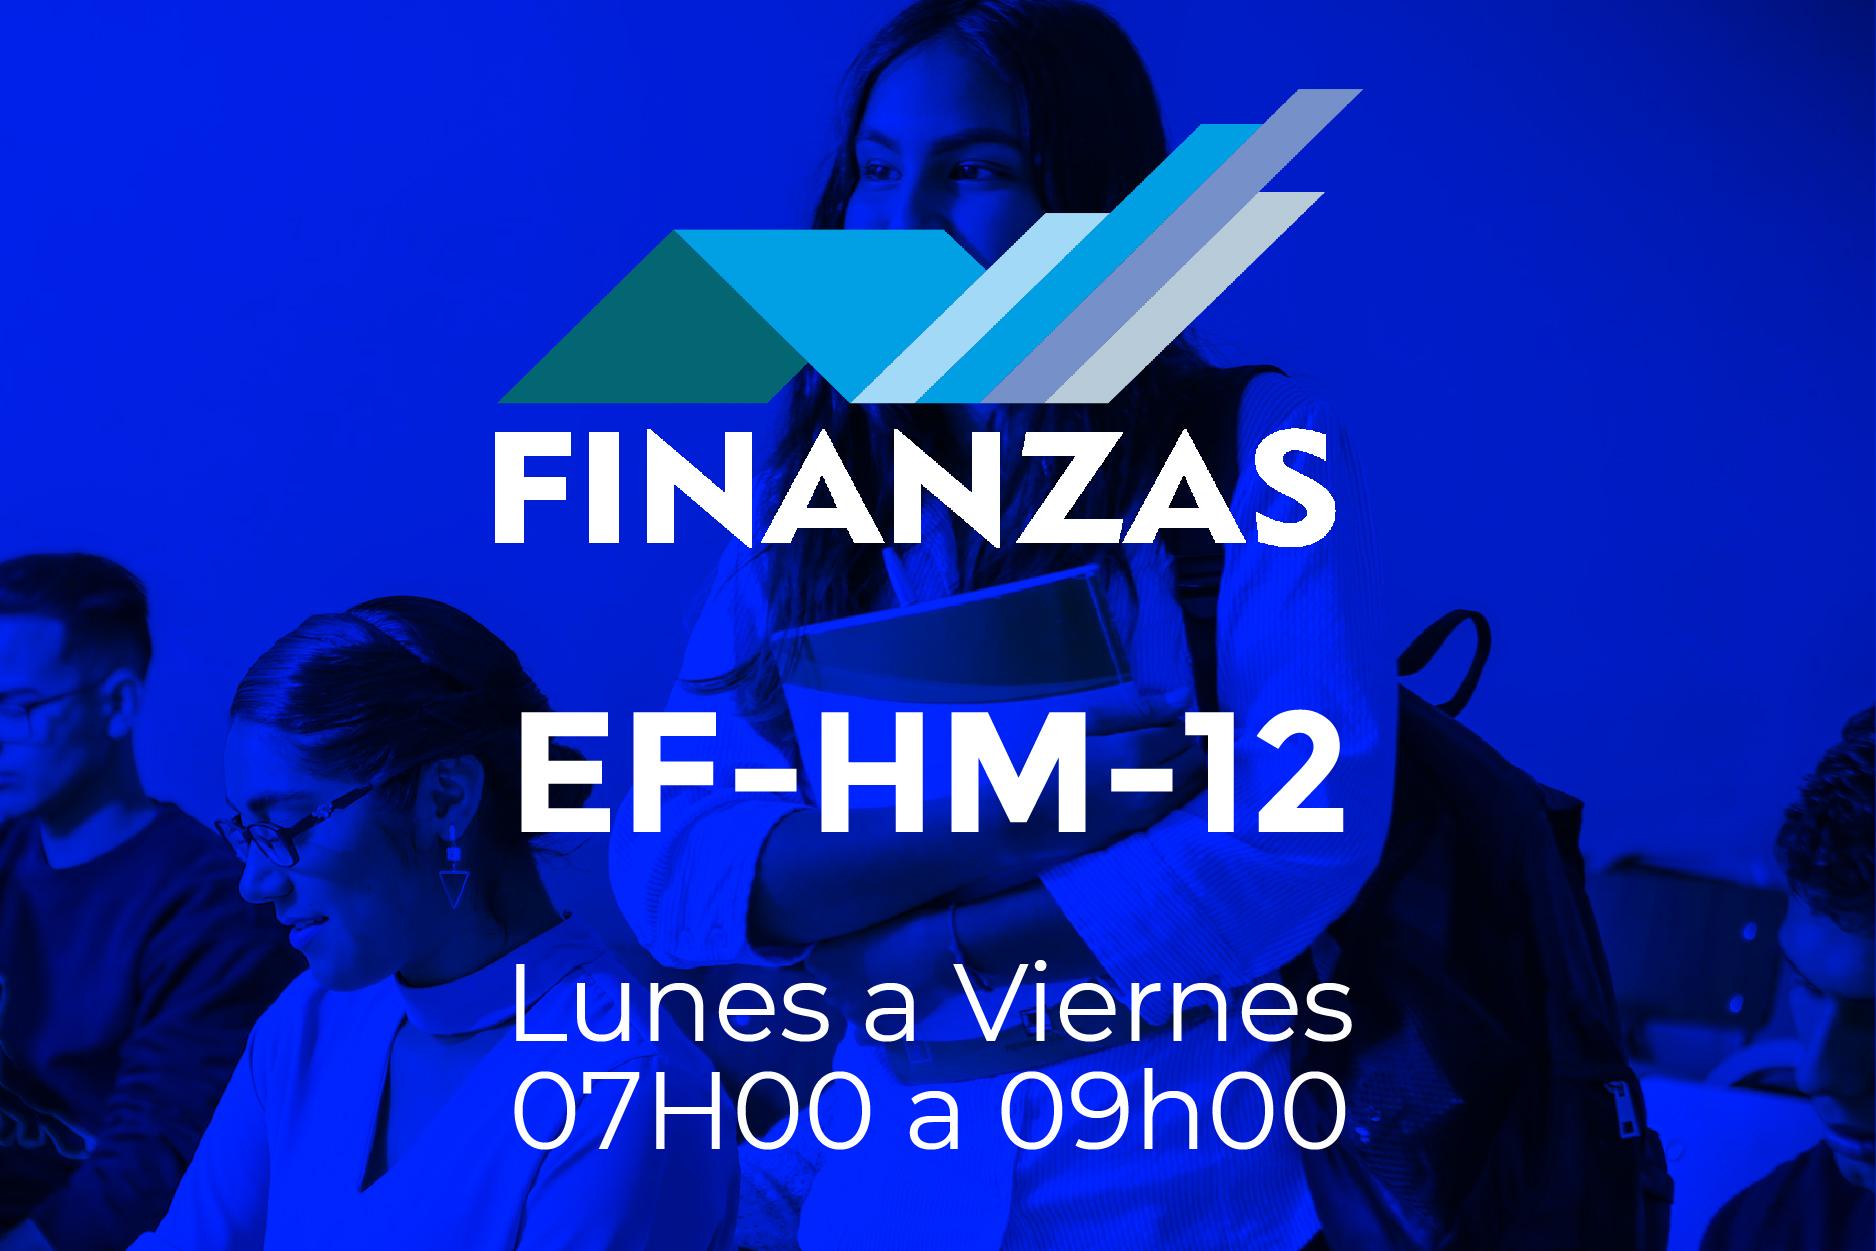 12 - FINANZAS - LUNES A JUEVES - 07:00 A 09:00